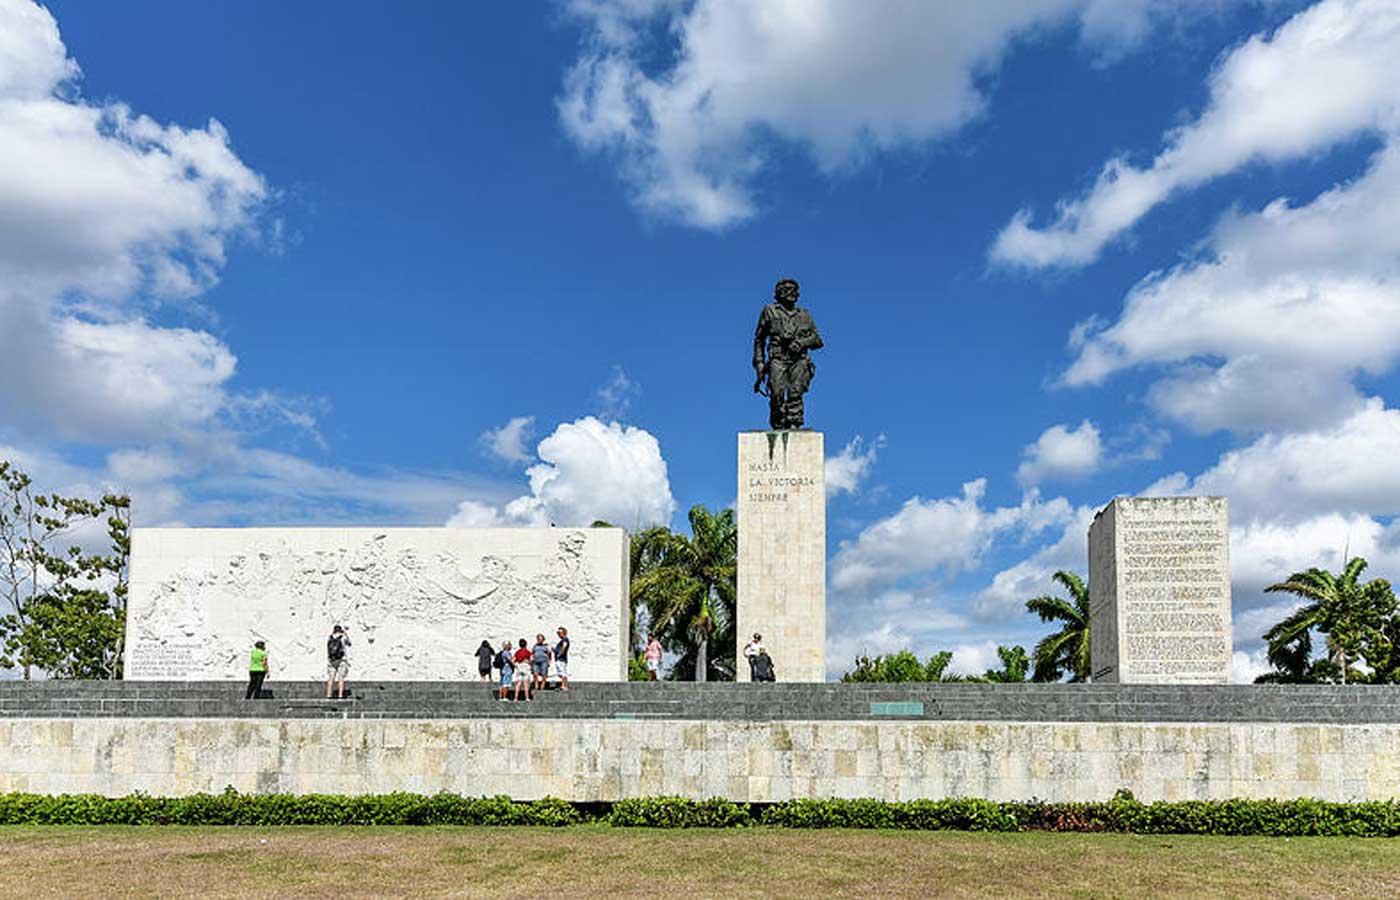 Che Guevara Memorial, Santa Clara, Cuba